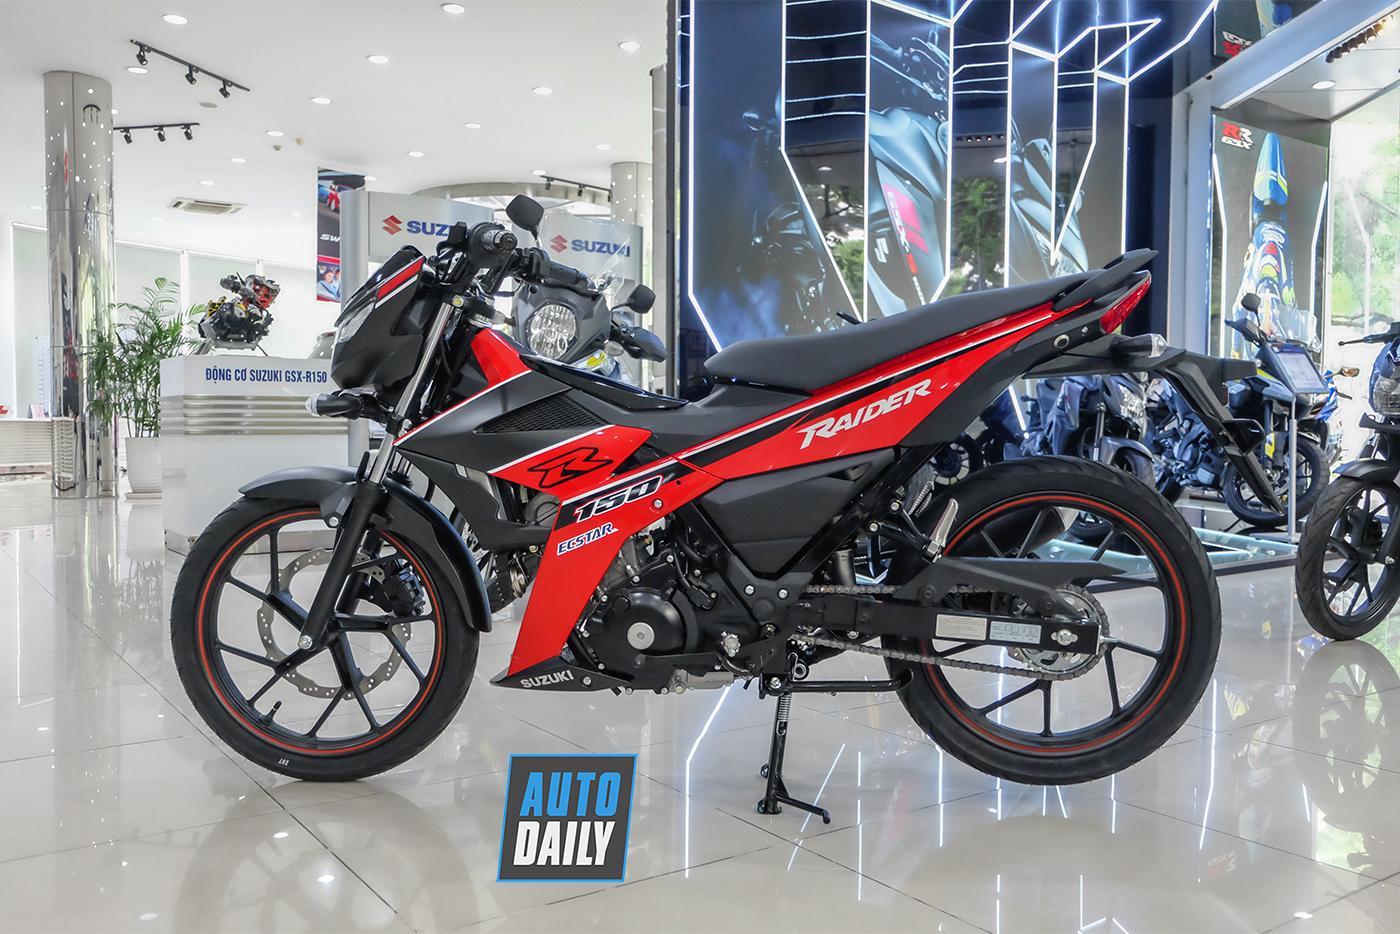 Suzuki raider 150 fi 2019